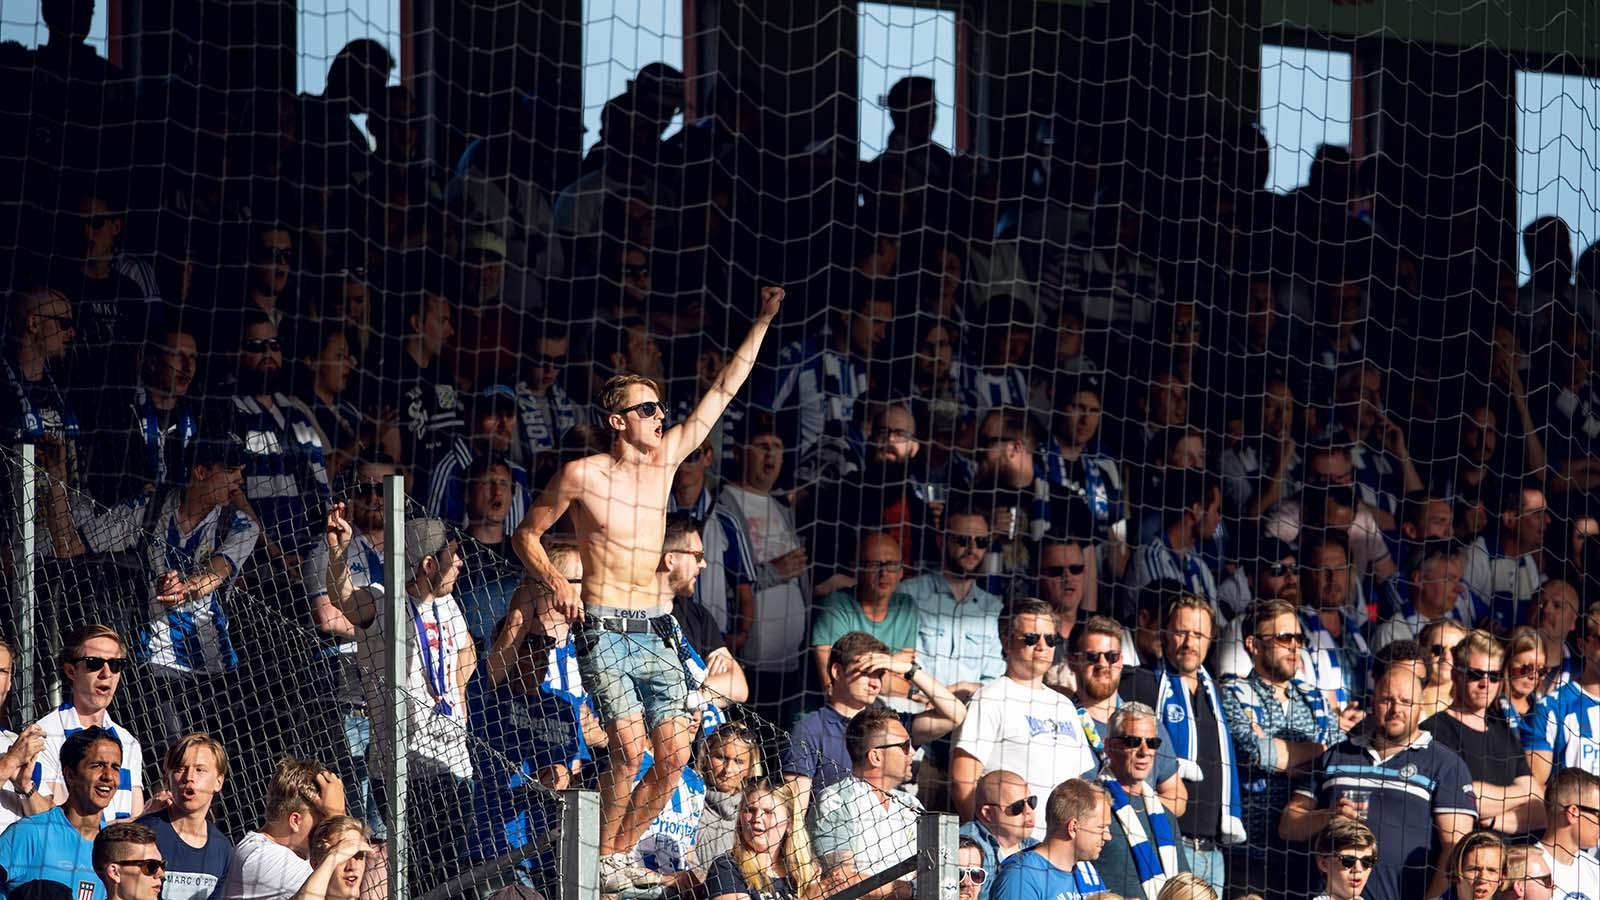 180521 IFK Göteborgs supportrar inför fotbollsmatchen i Allsvenskan mellan Elfsborg och IFK Göteborg den 21 maj 2018 i Borås. Foto: Carl Sandin / BILDBYRÅN / kod CS / 57999_353